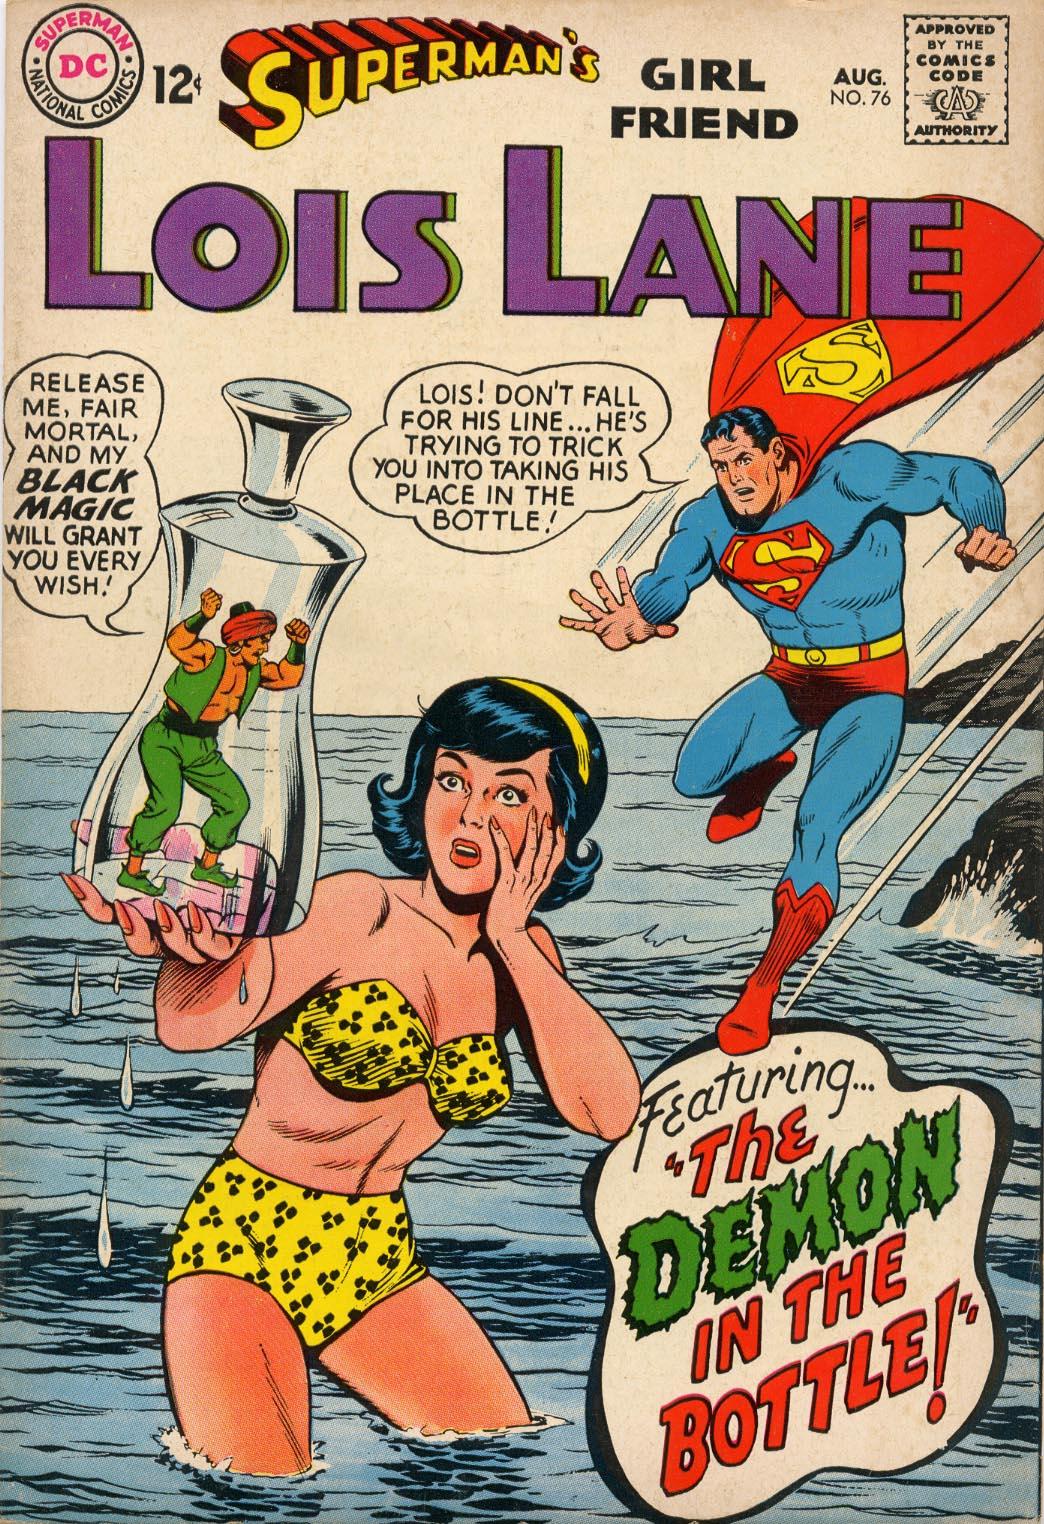 Supermans Girl Friend, Lois Lane 76 Page 1